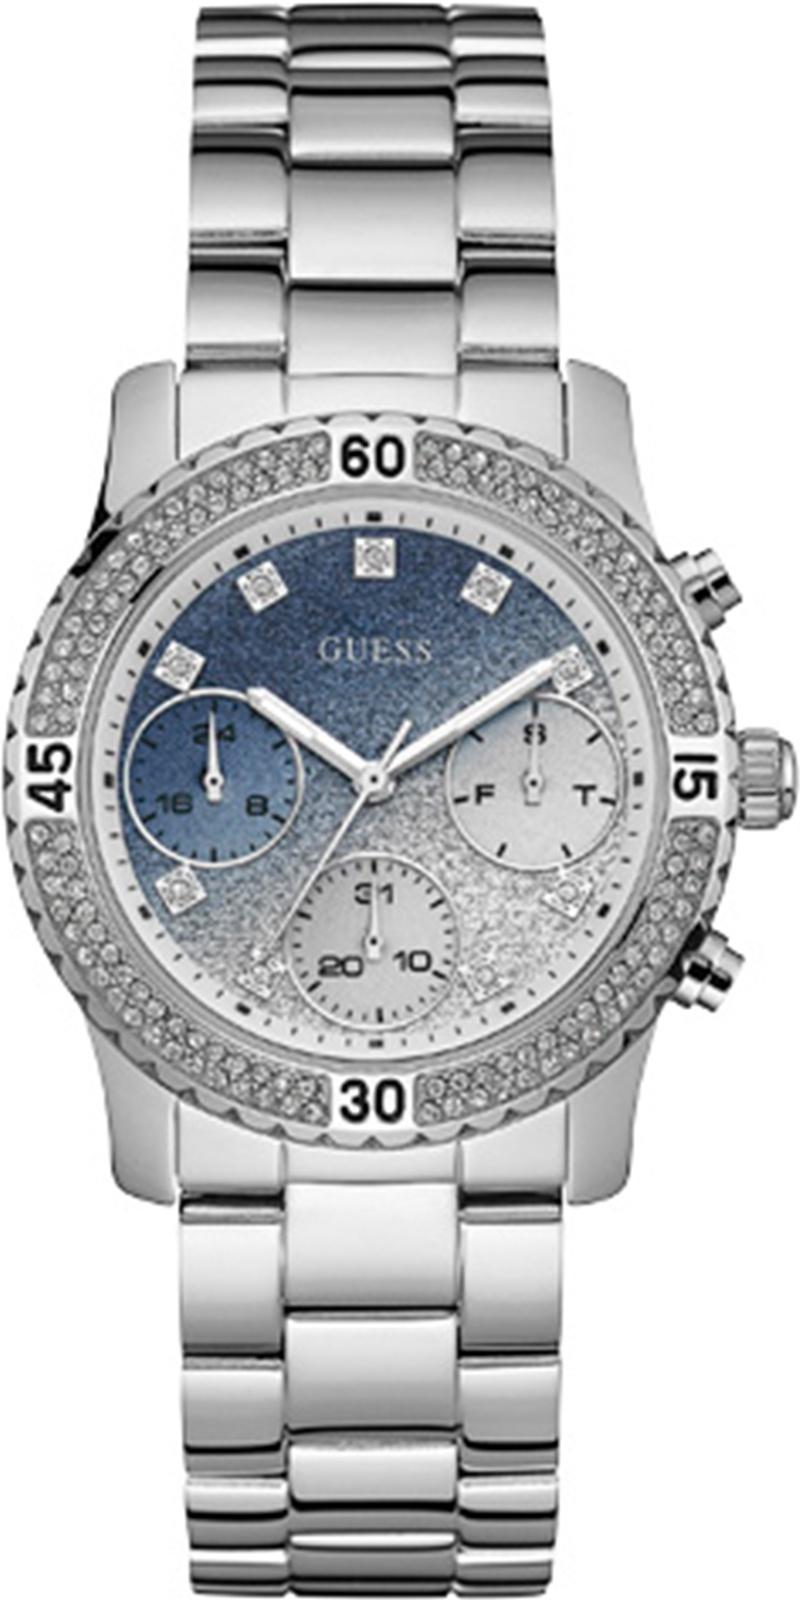 Наручные часы Guess CONFETTI наручные часы guess w0658g4